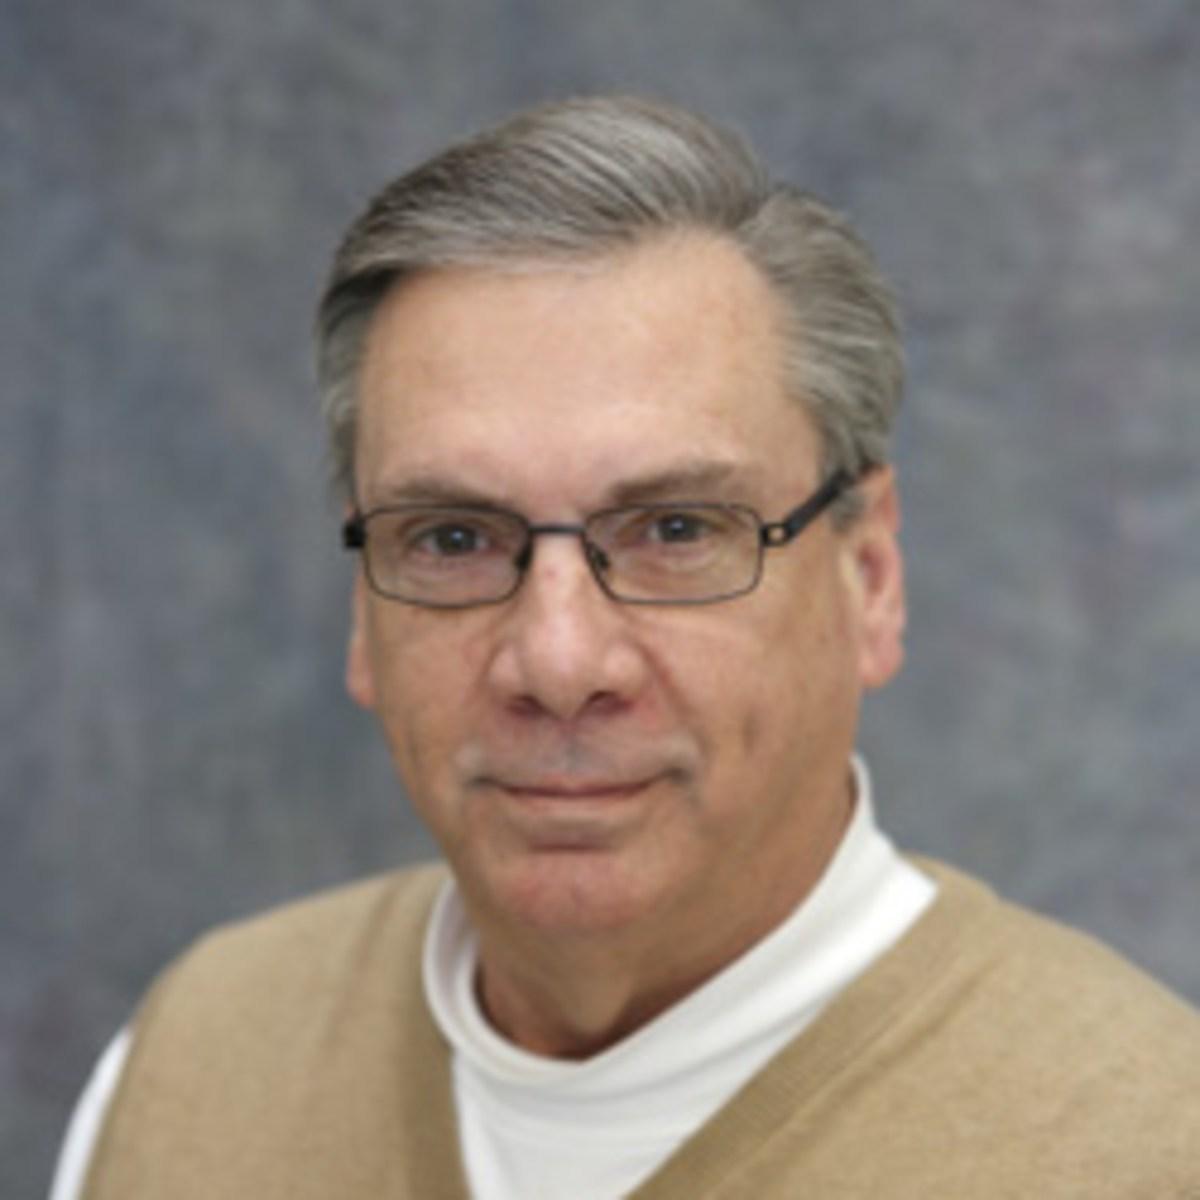 Eddie Shuford